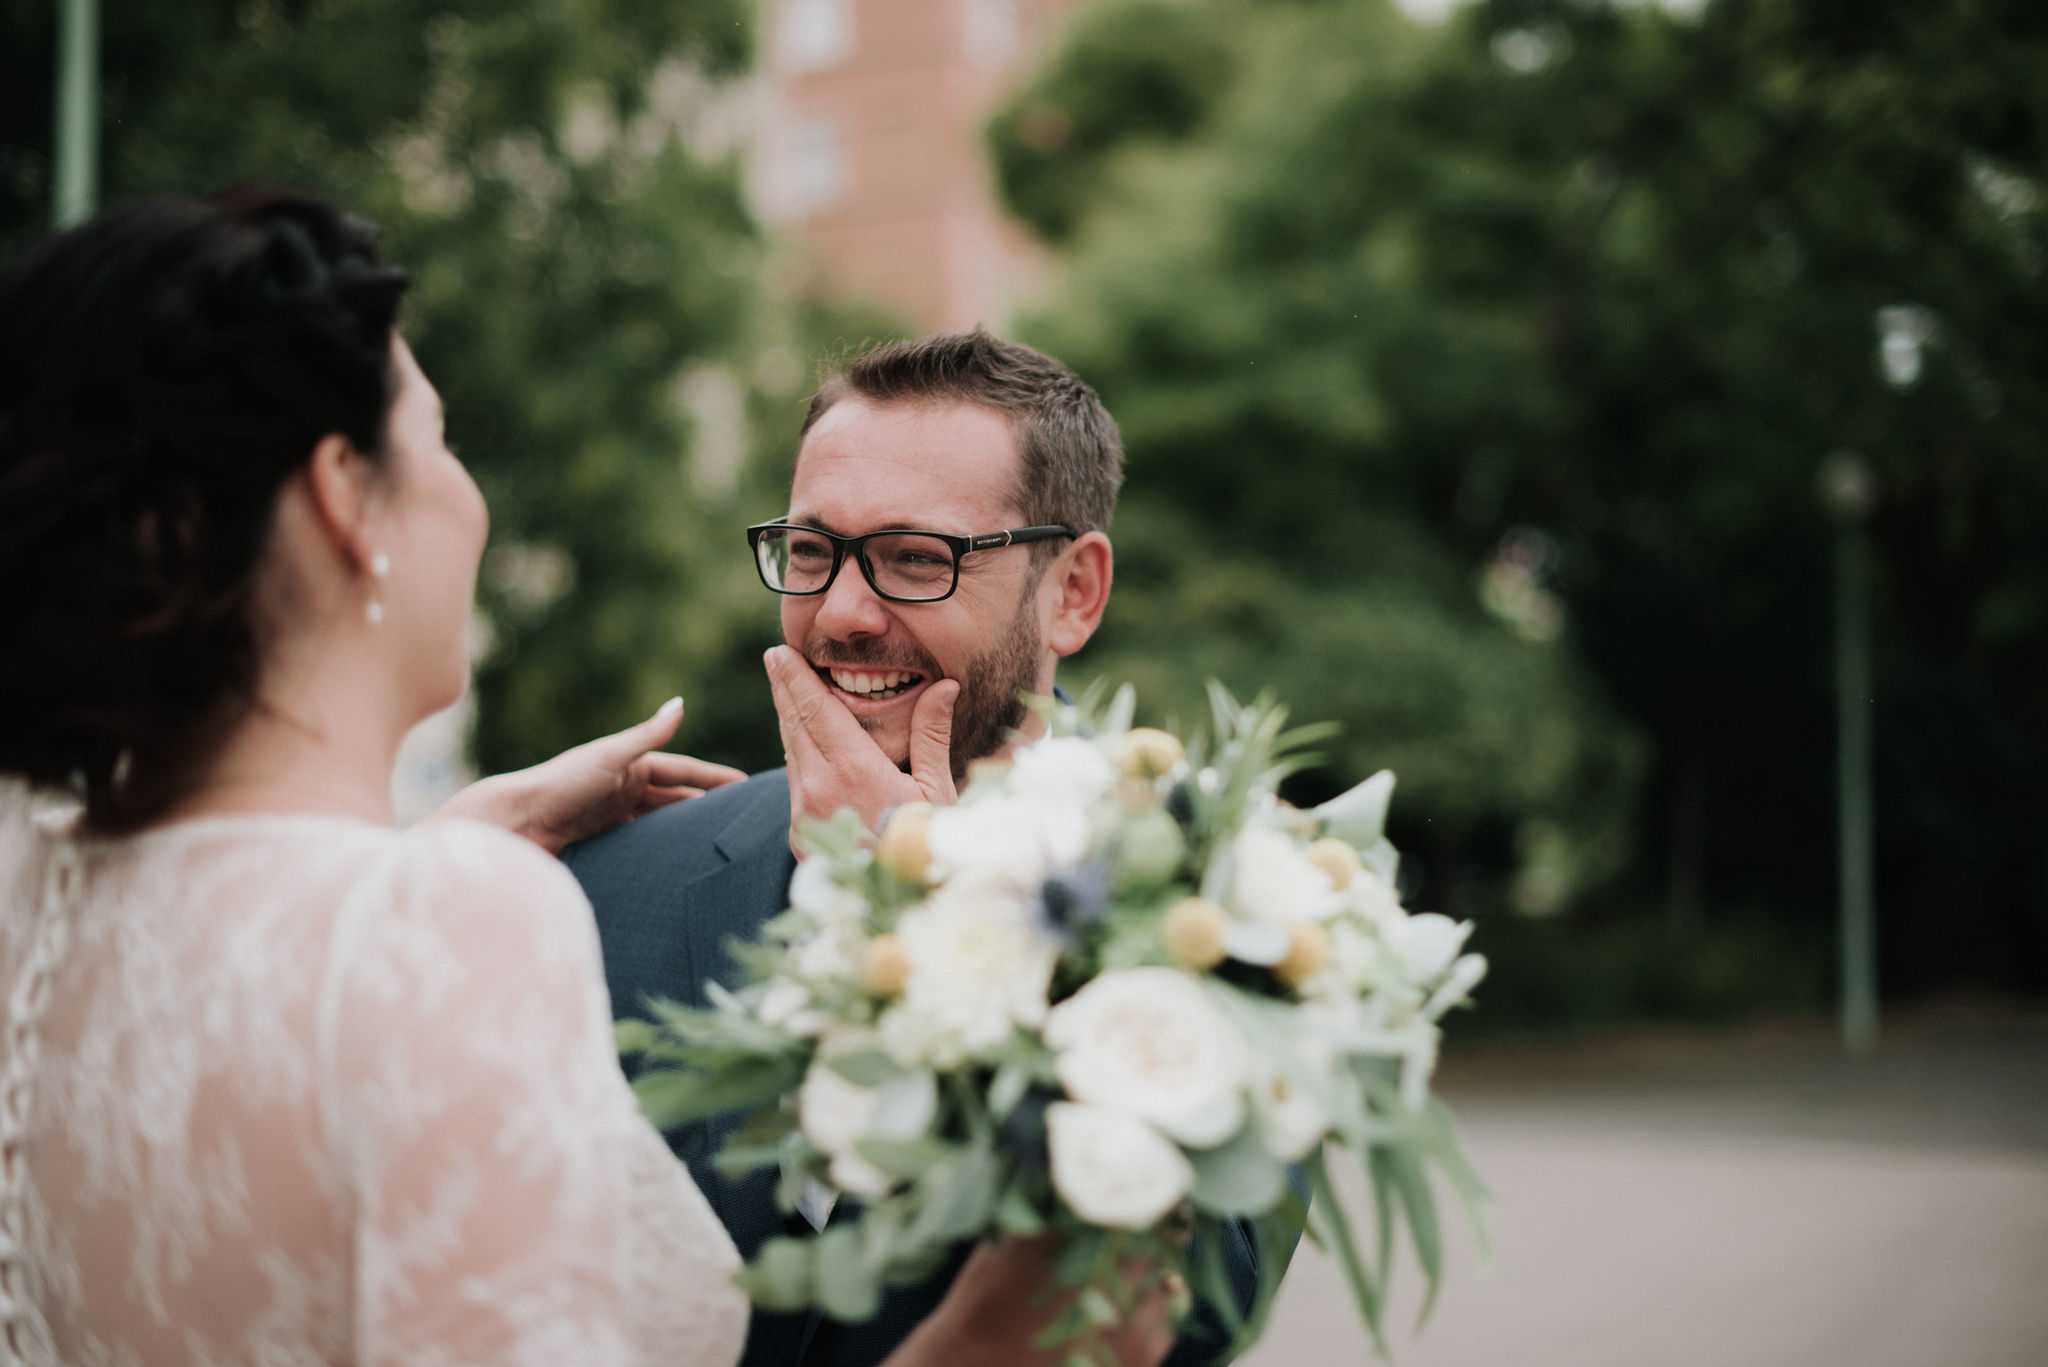 Léa-Fery-photographe-professionnel-lyon-rhone-alpes-portrait-creation-mariage-evenement-evenementiel-famille-6103.jpg